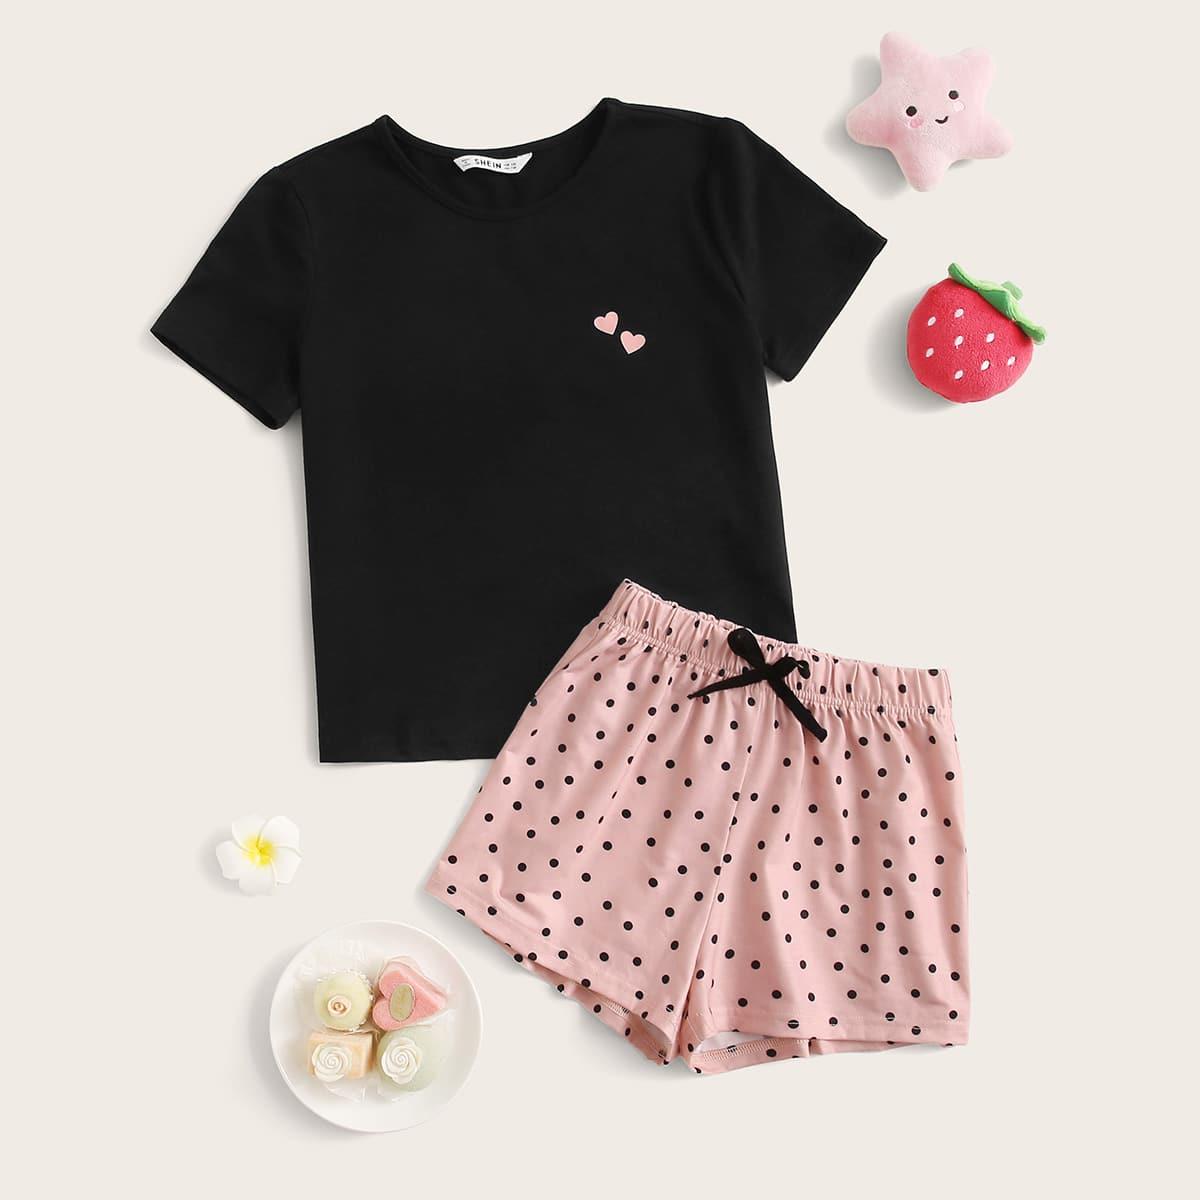 Пижама в горошек с сердечным принтом для девочек